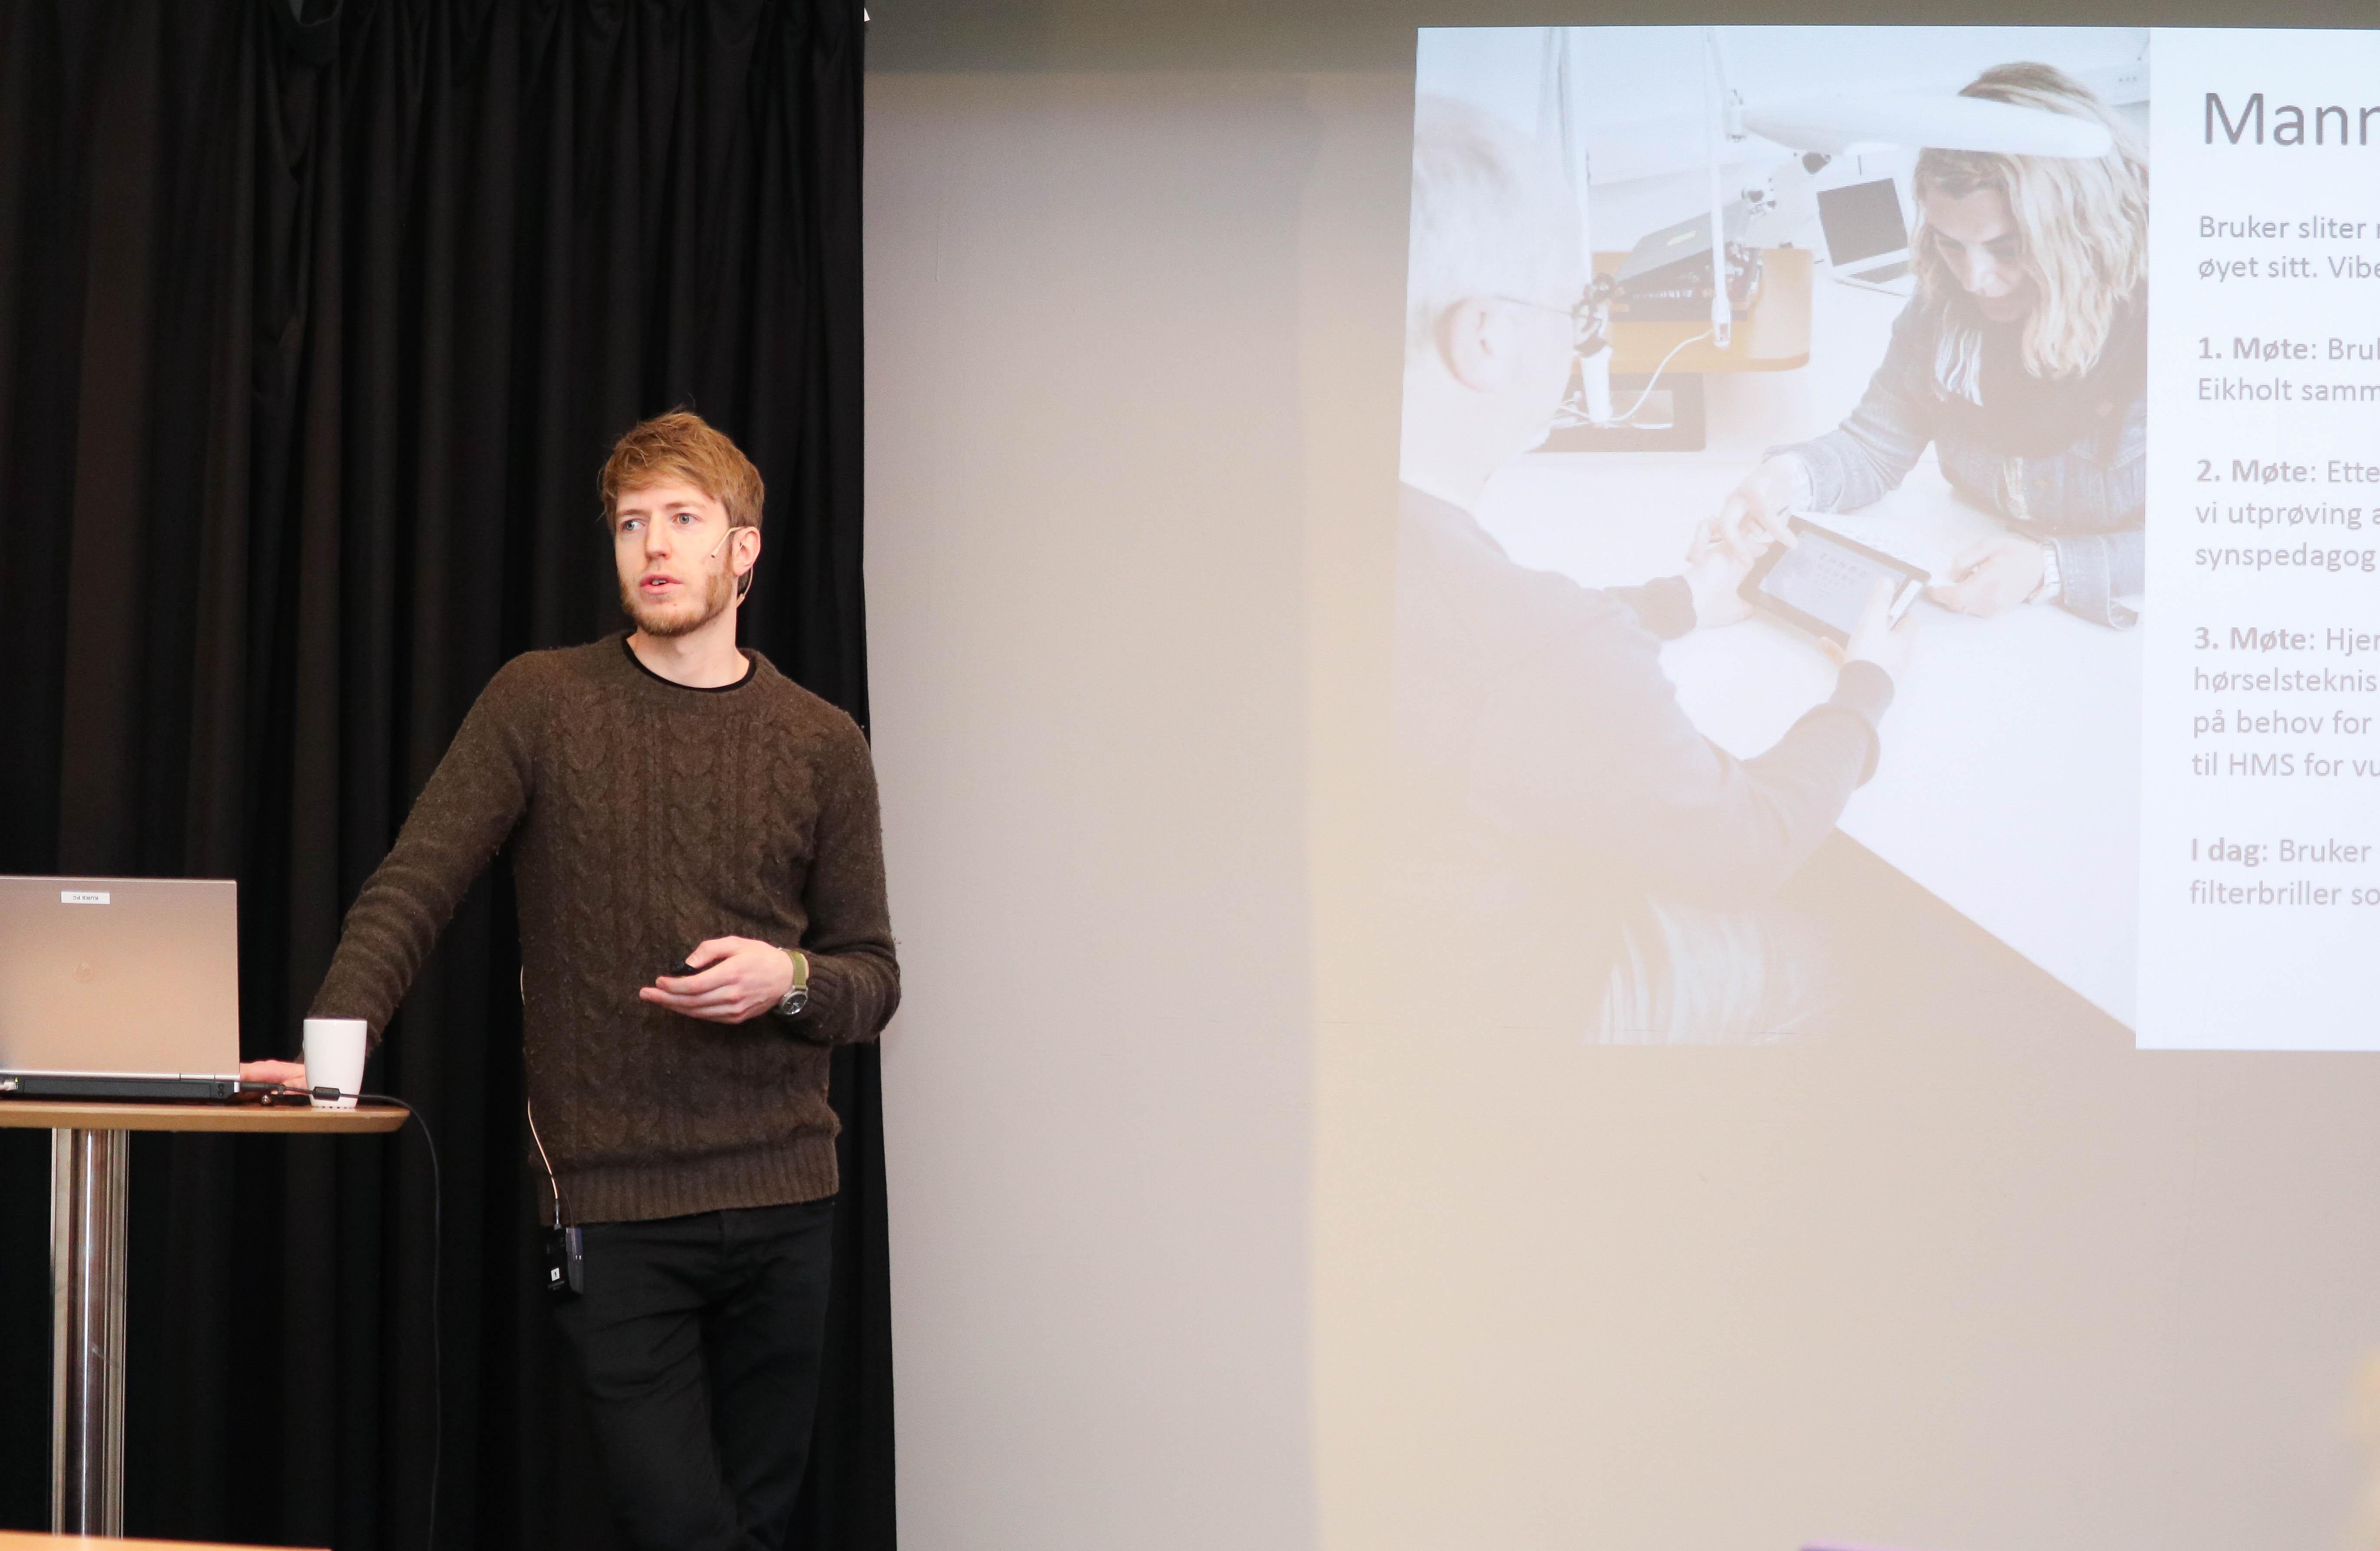 Rolf Mjønes, rådgiver ved Eikholt, legger fram et anonymisert case.